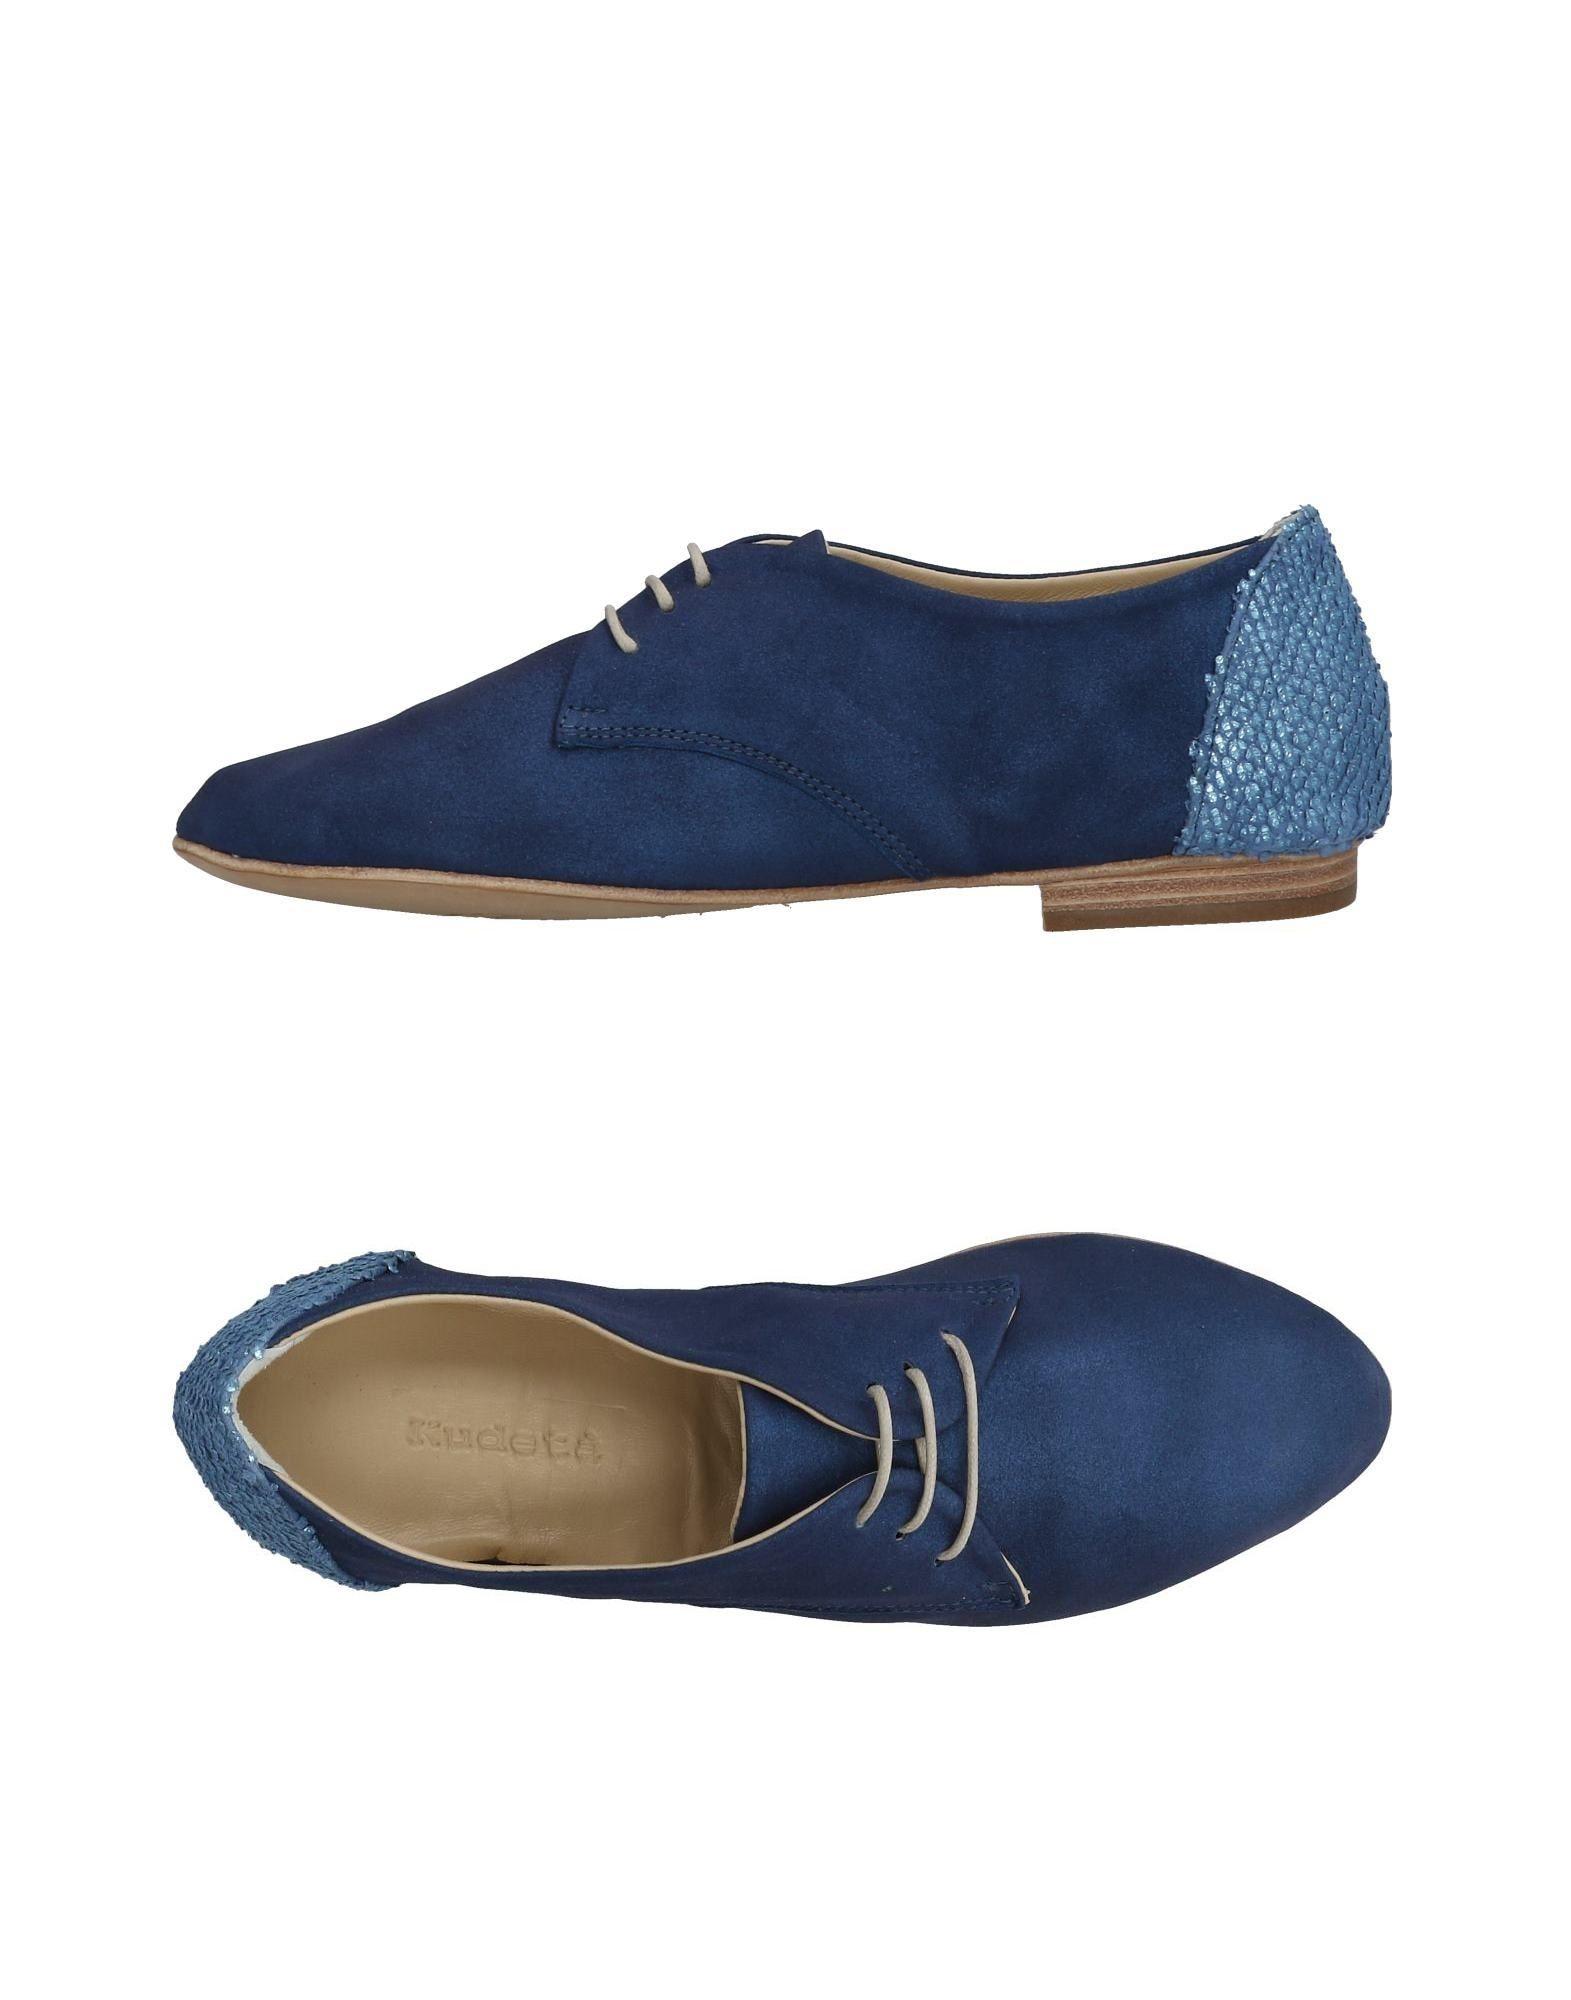 Kudetà Schnürschuhe Damen  11434097DI Gute Qualität beliebte Schuhe